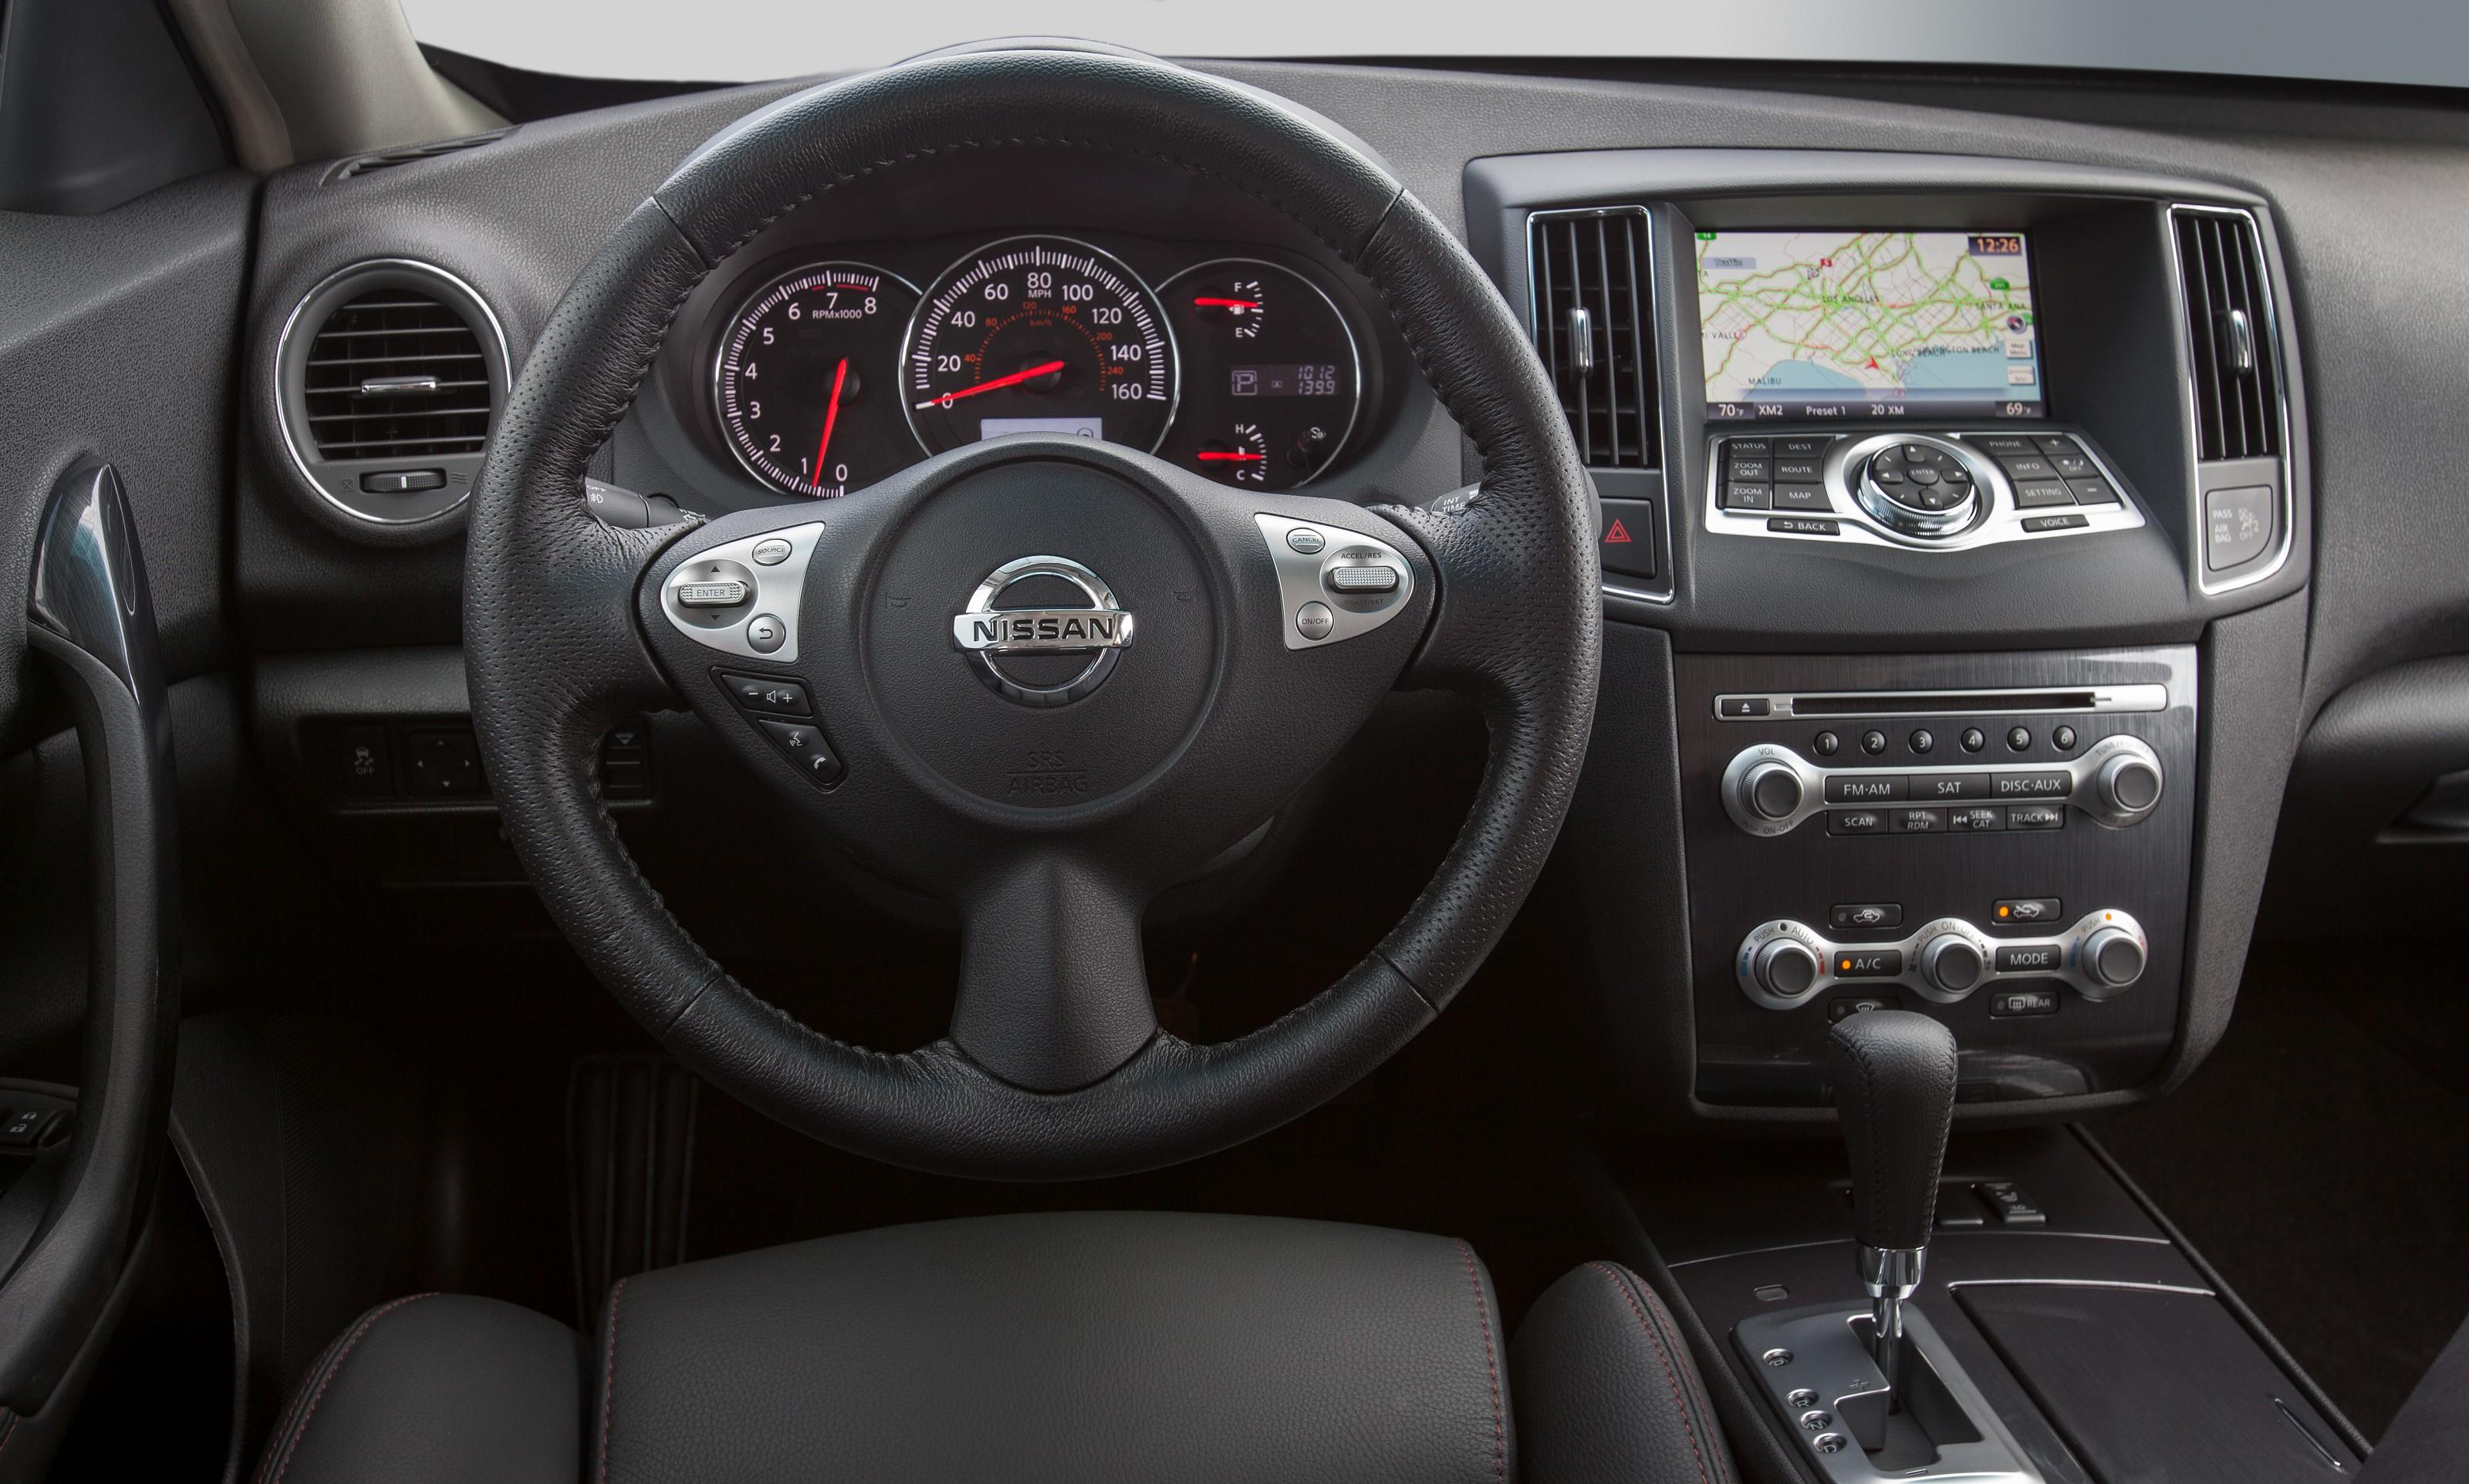 Nissan Maxima 2009 2010 2011 2012 2013 2014 2015